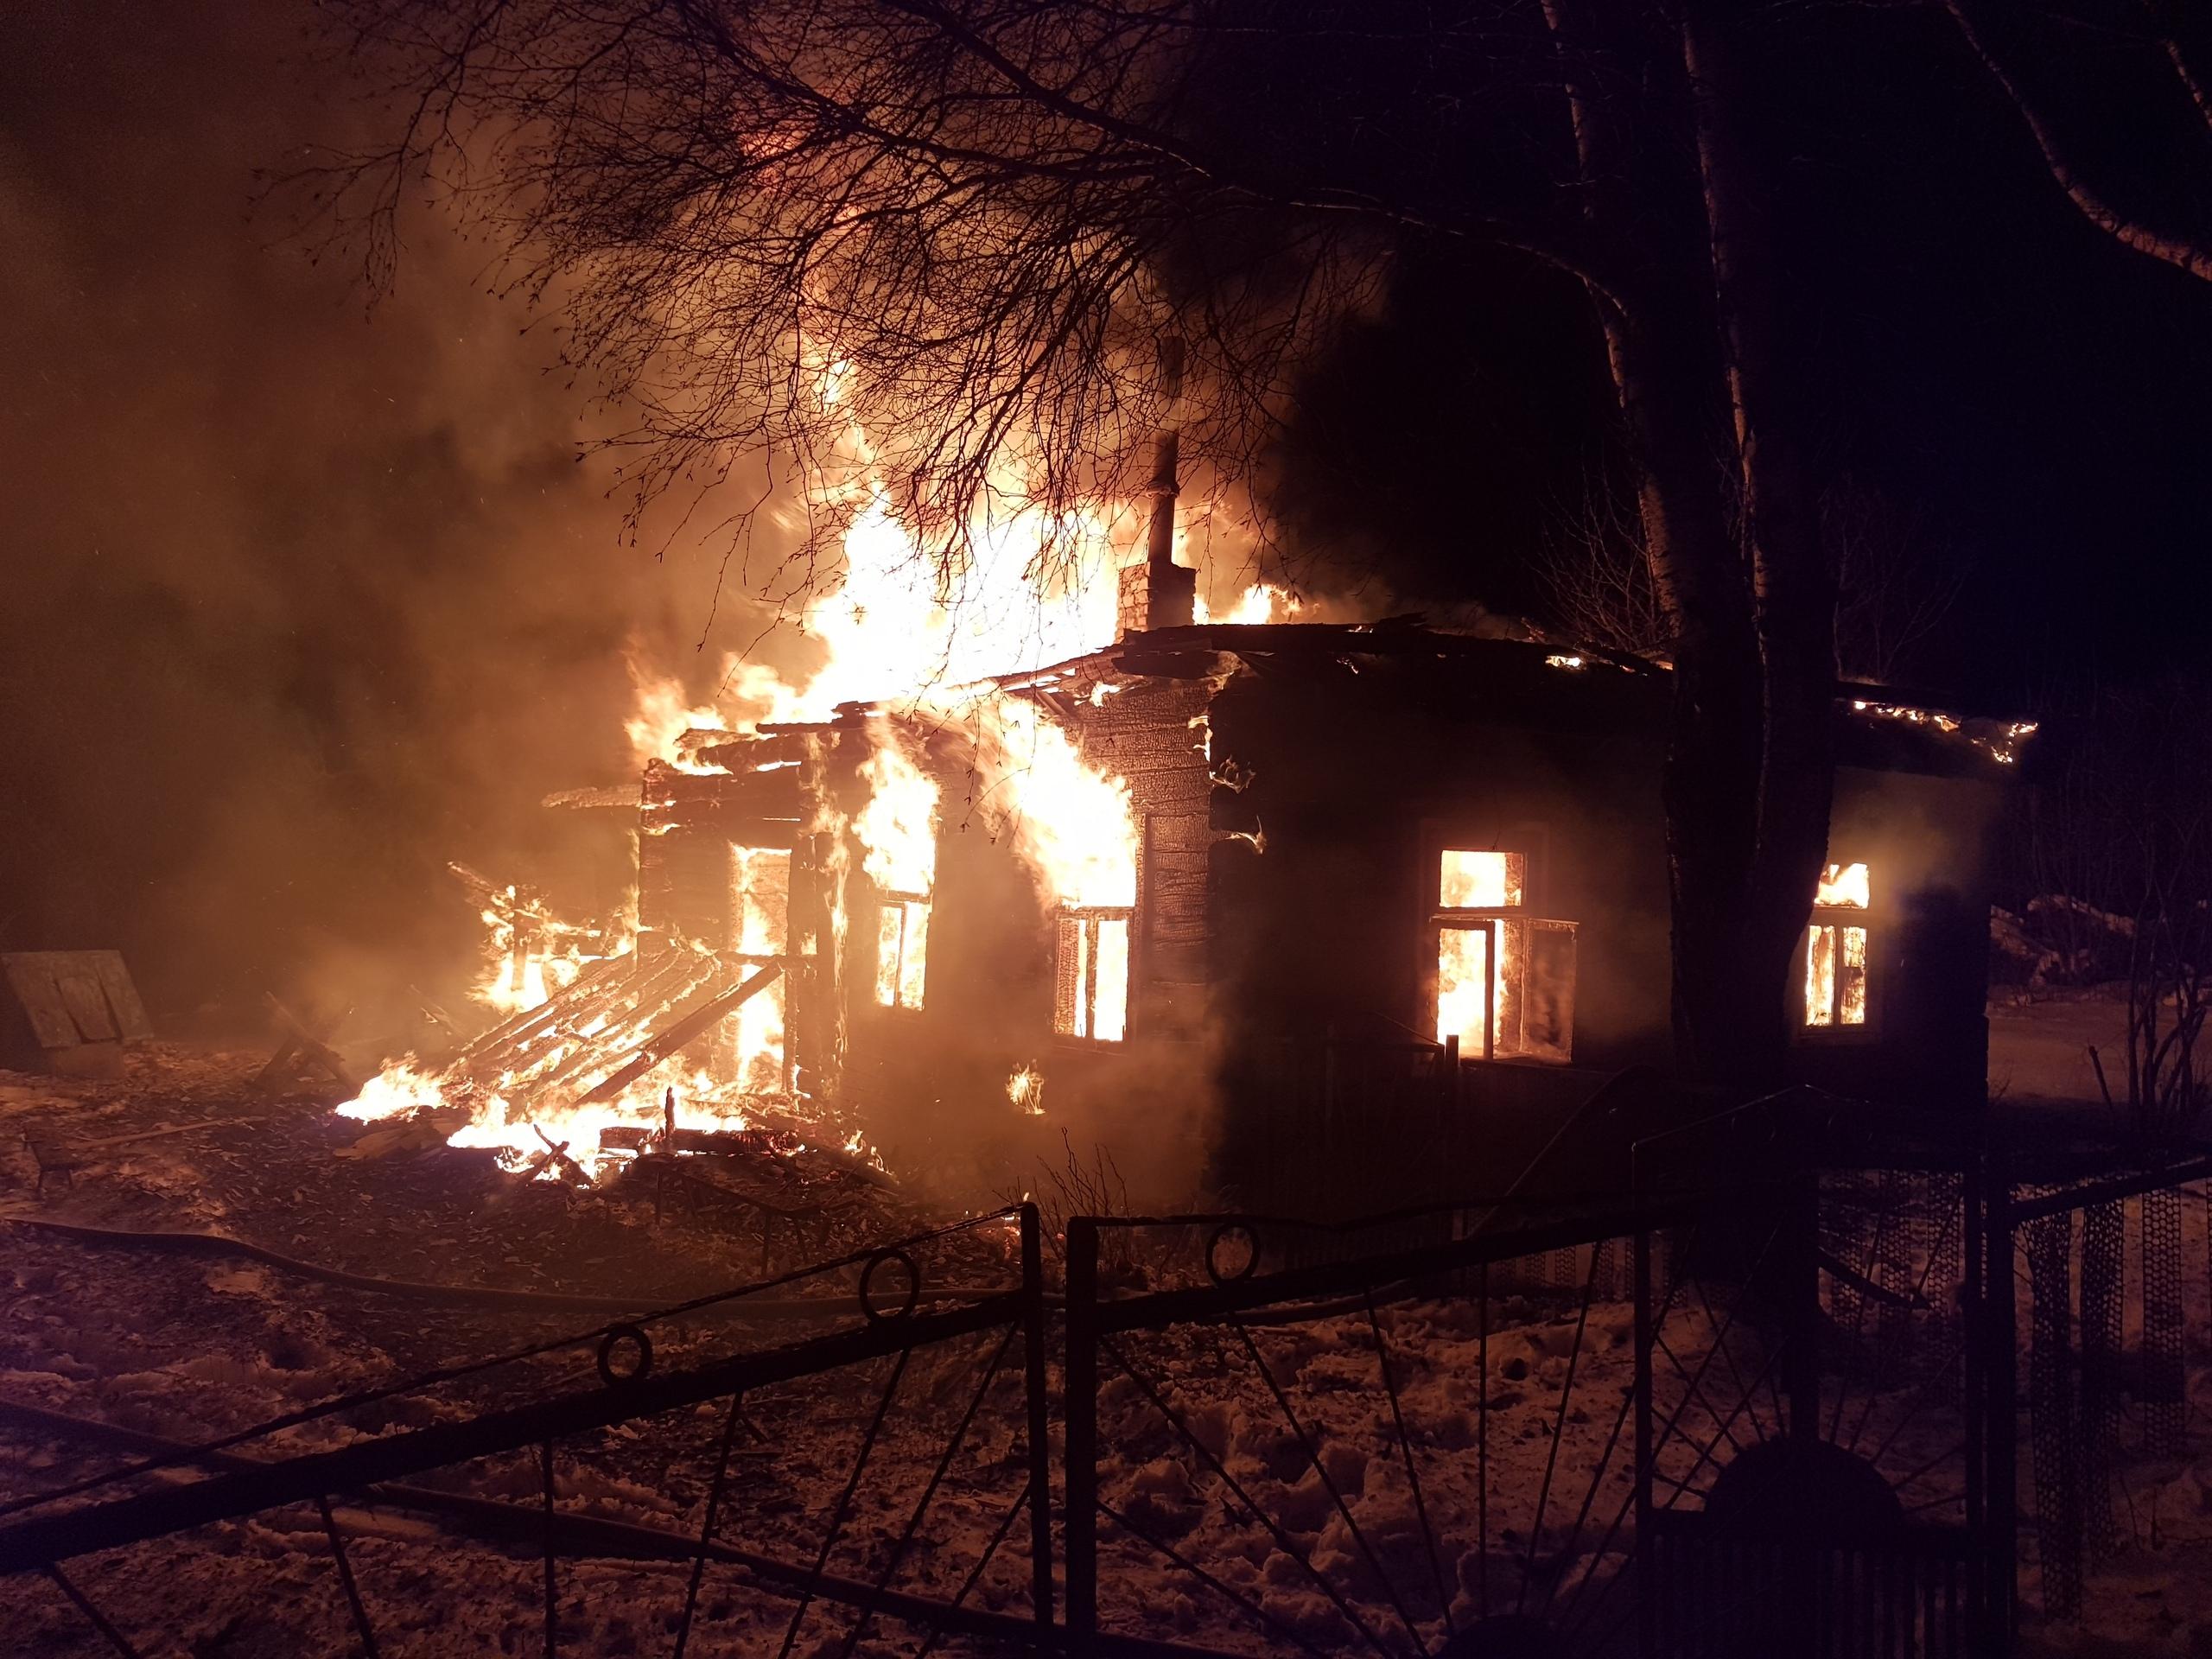 Жилой дом горел в Лидском районе.